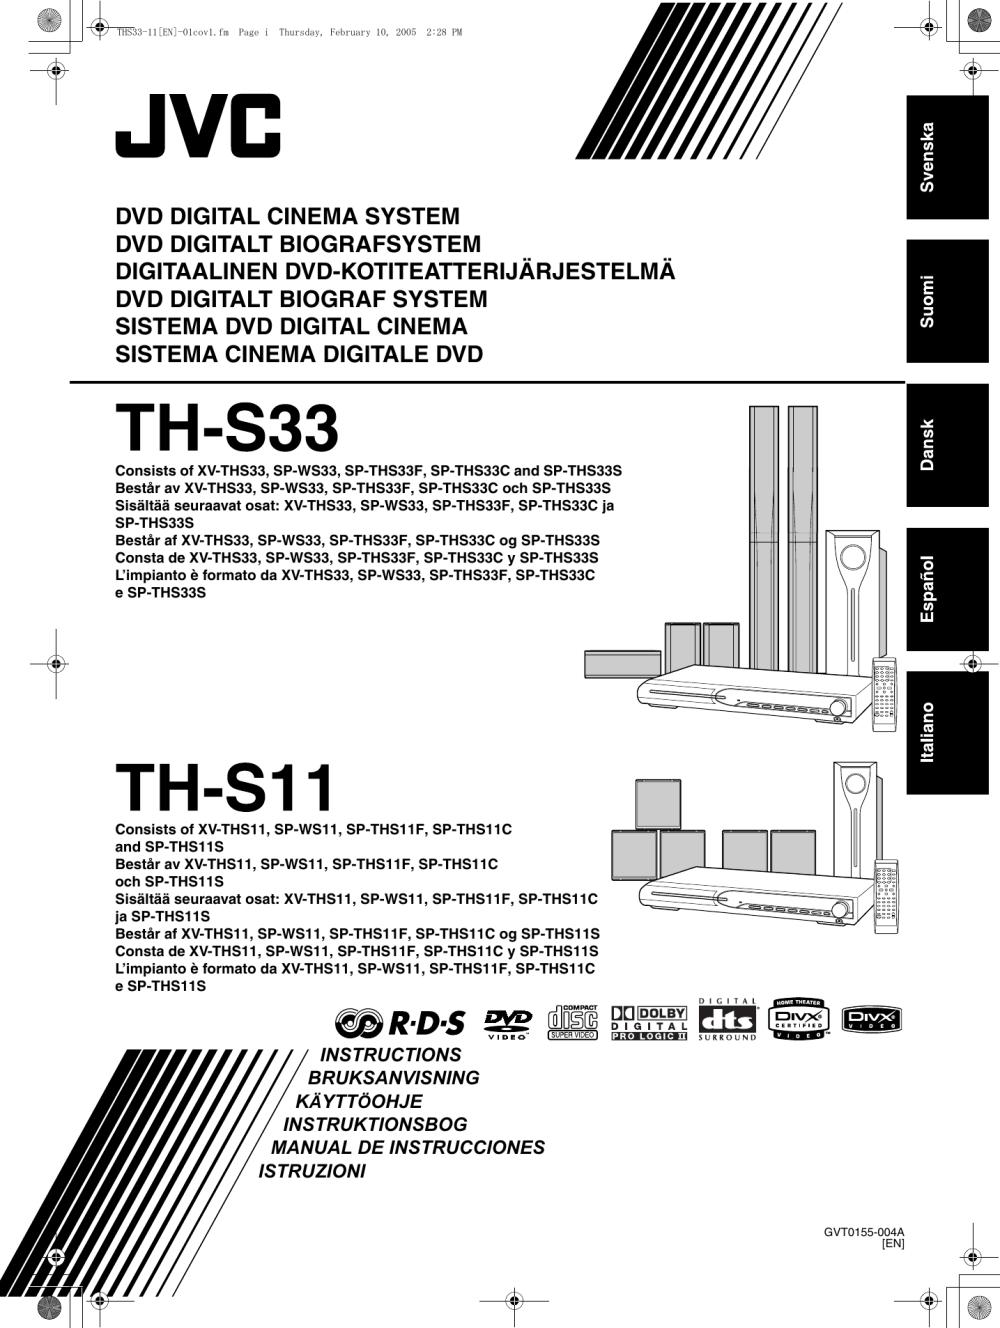 medium resolution of dvd len diagram